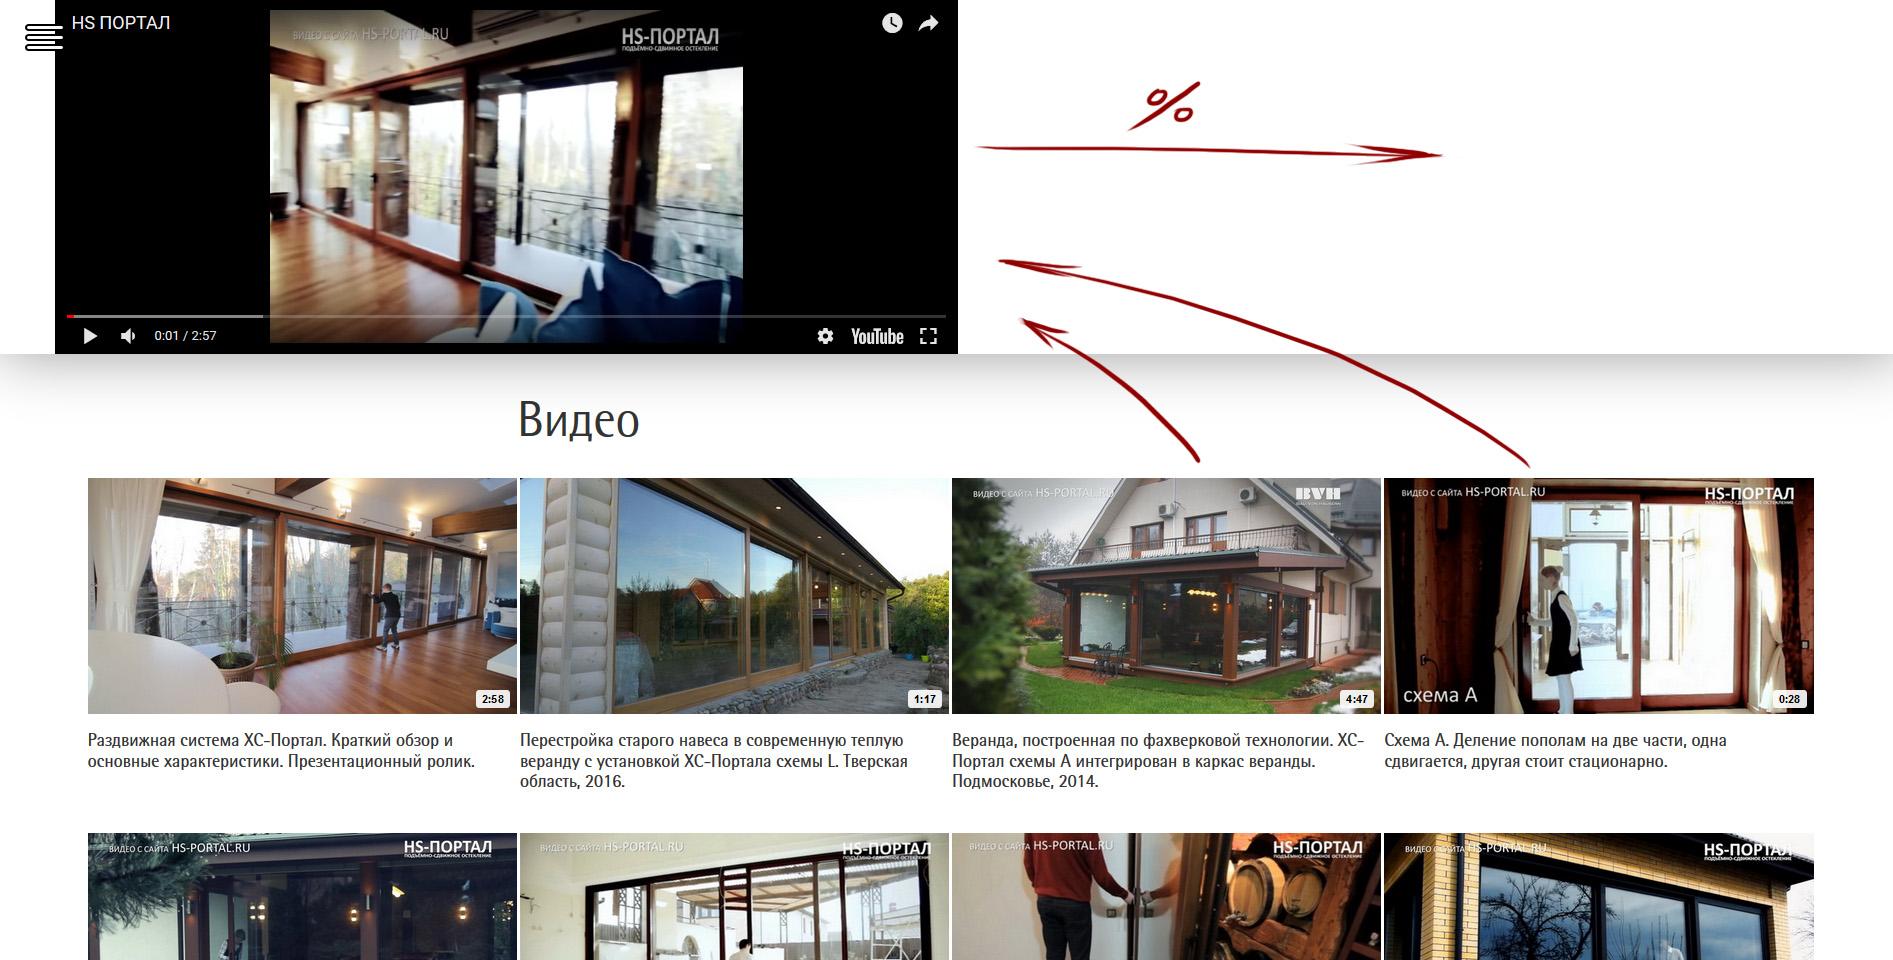 общая схема страницы с видеозаписями